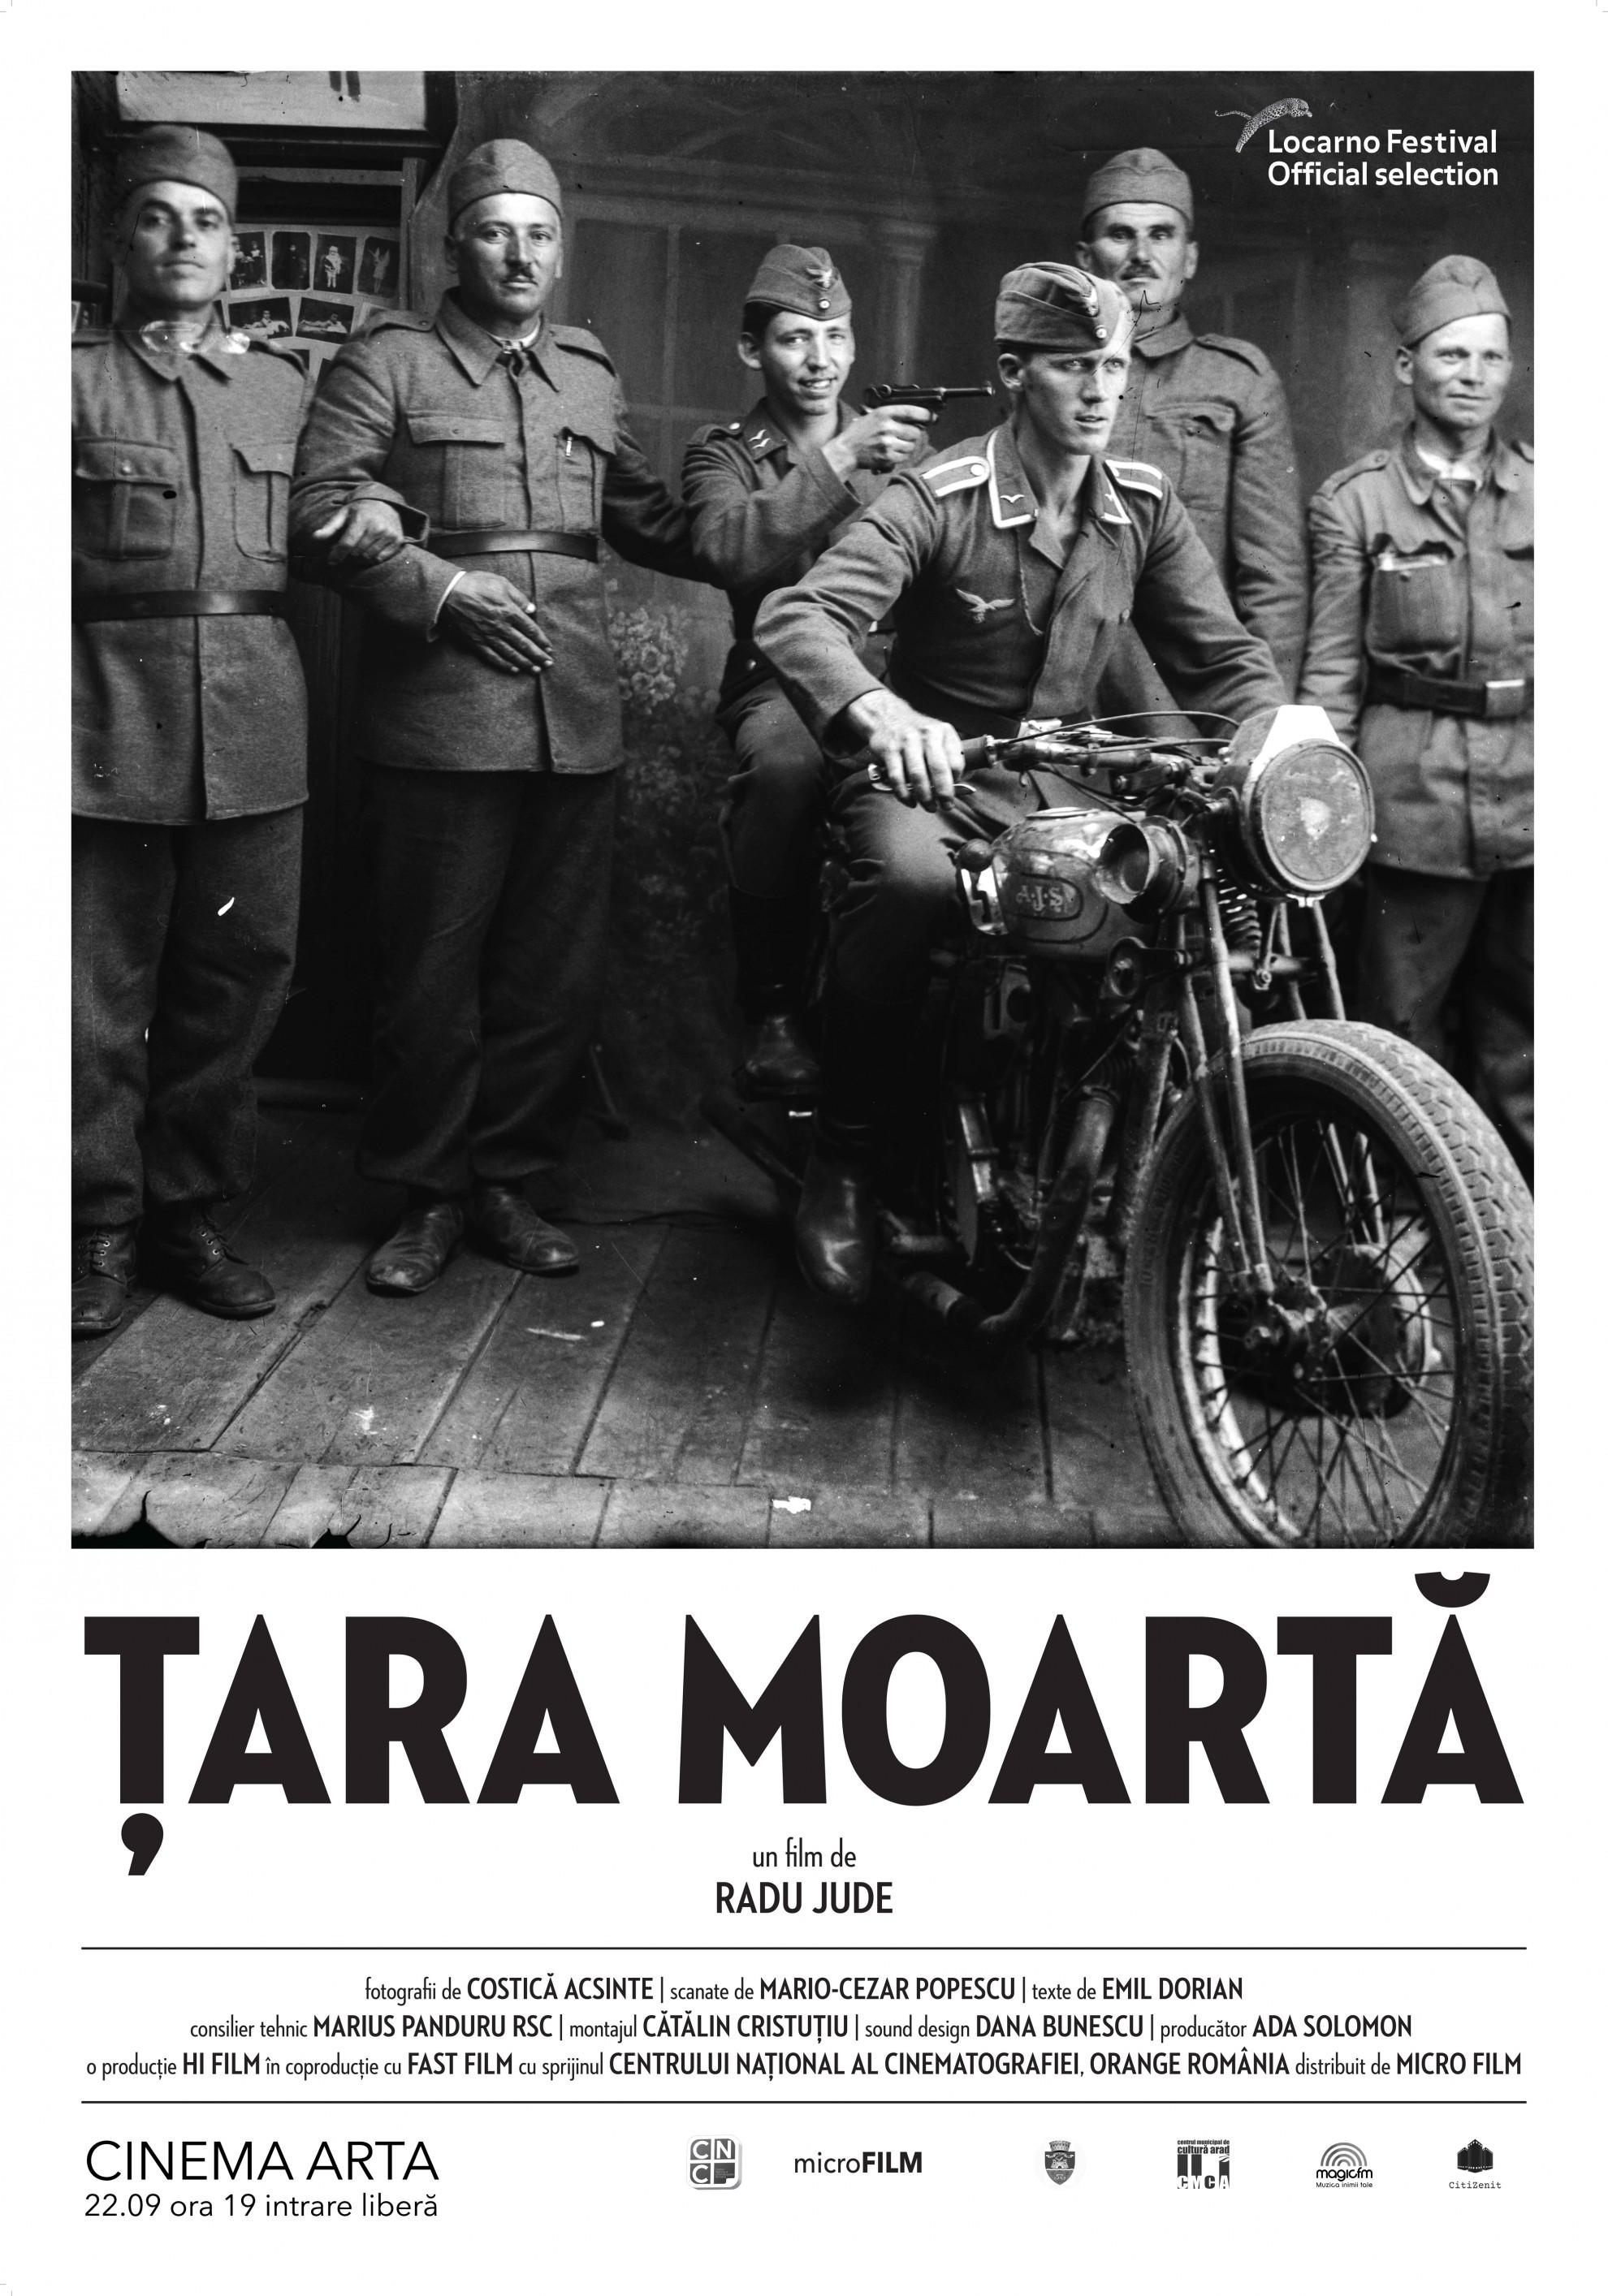 ŢARA MOARTĂ, un documentar îndrăzneț va fi proiectat la cinema Arta